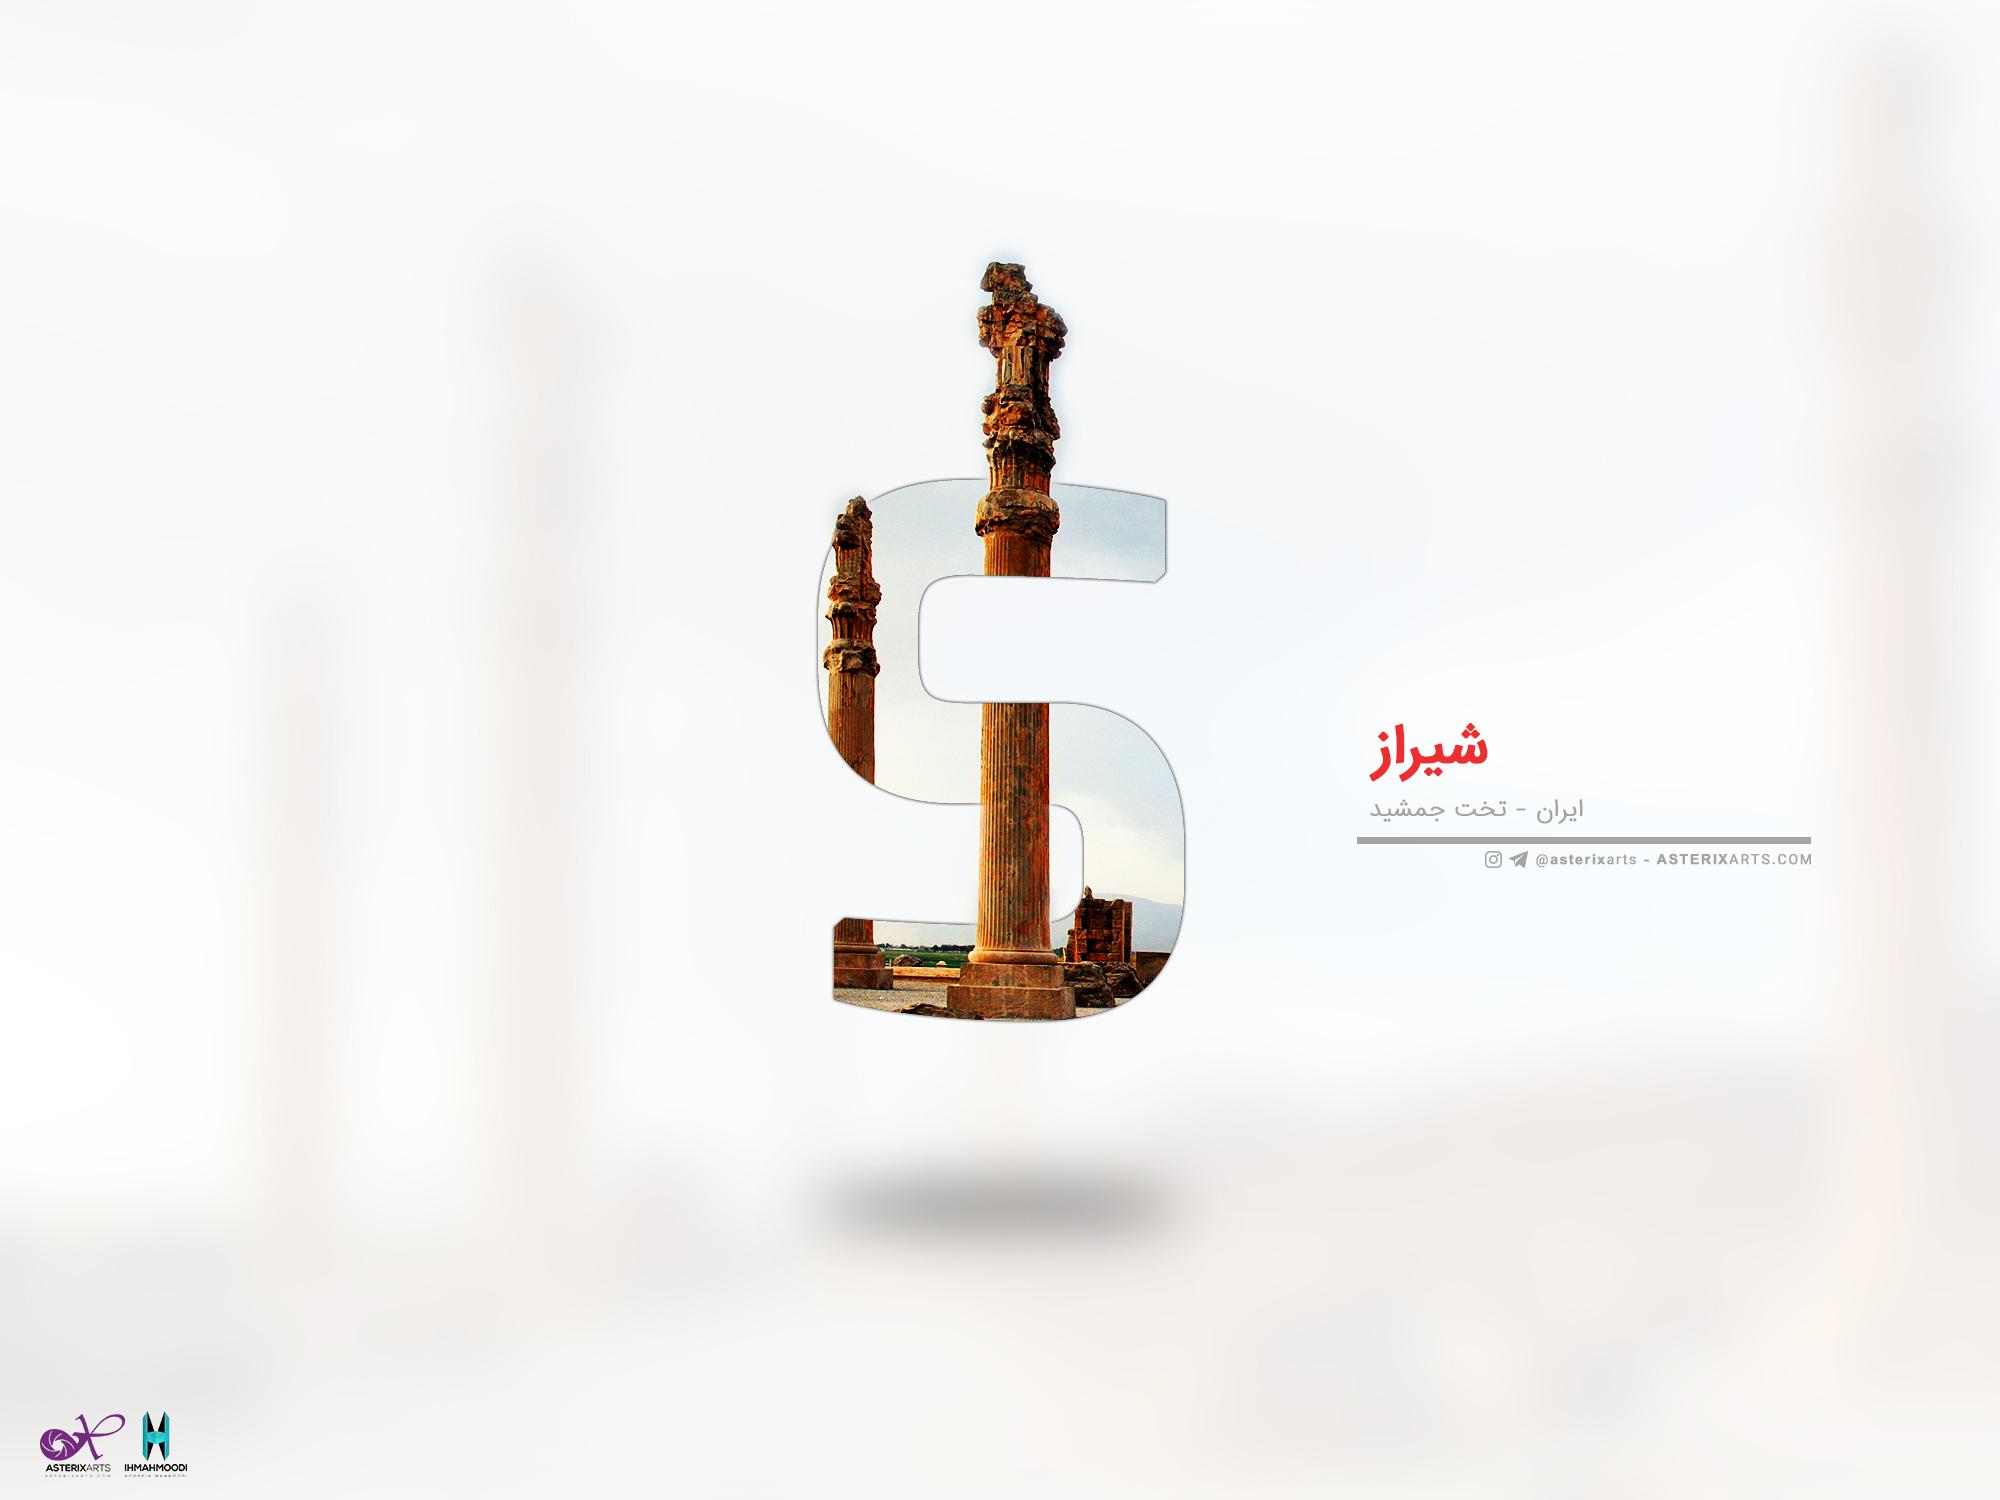 نمونه کار: نماد شهرهای ایران ( Iran Cities Icons )